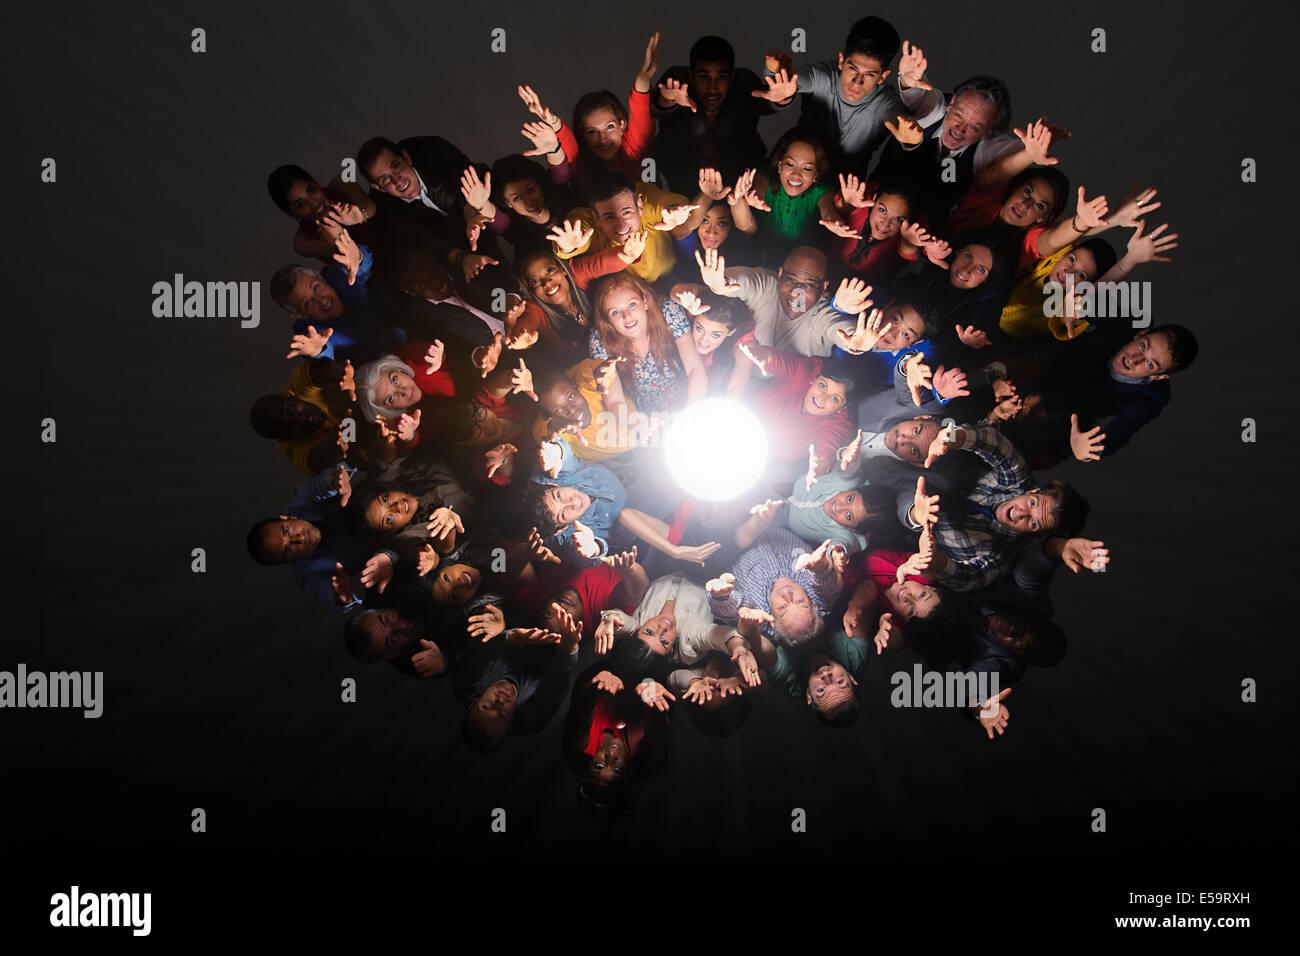 Diversa multitud vitoreando alrededor de luz brillante Imagen De Stock